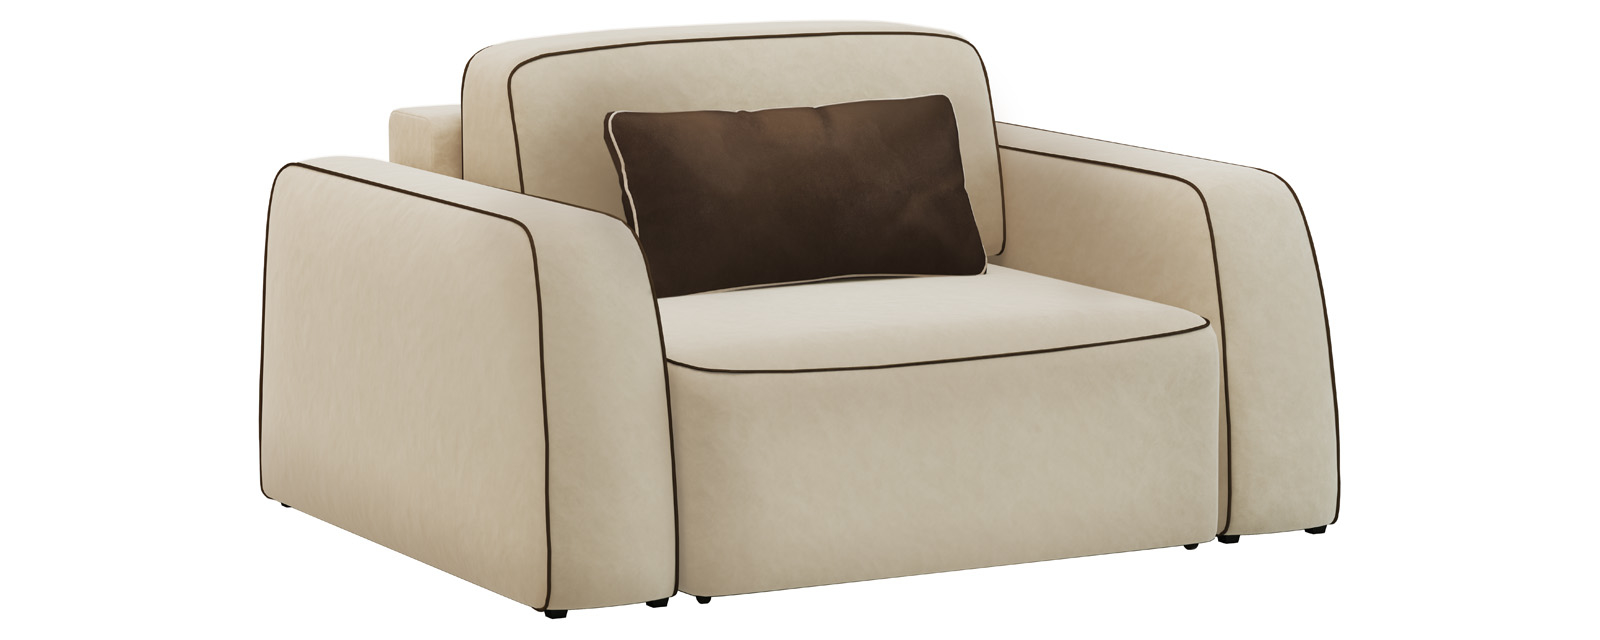 Кресло тканевое Портленд 100 см Velure бежевый/темно-коричневый (Велюр)